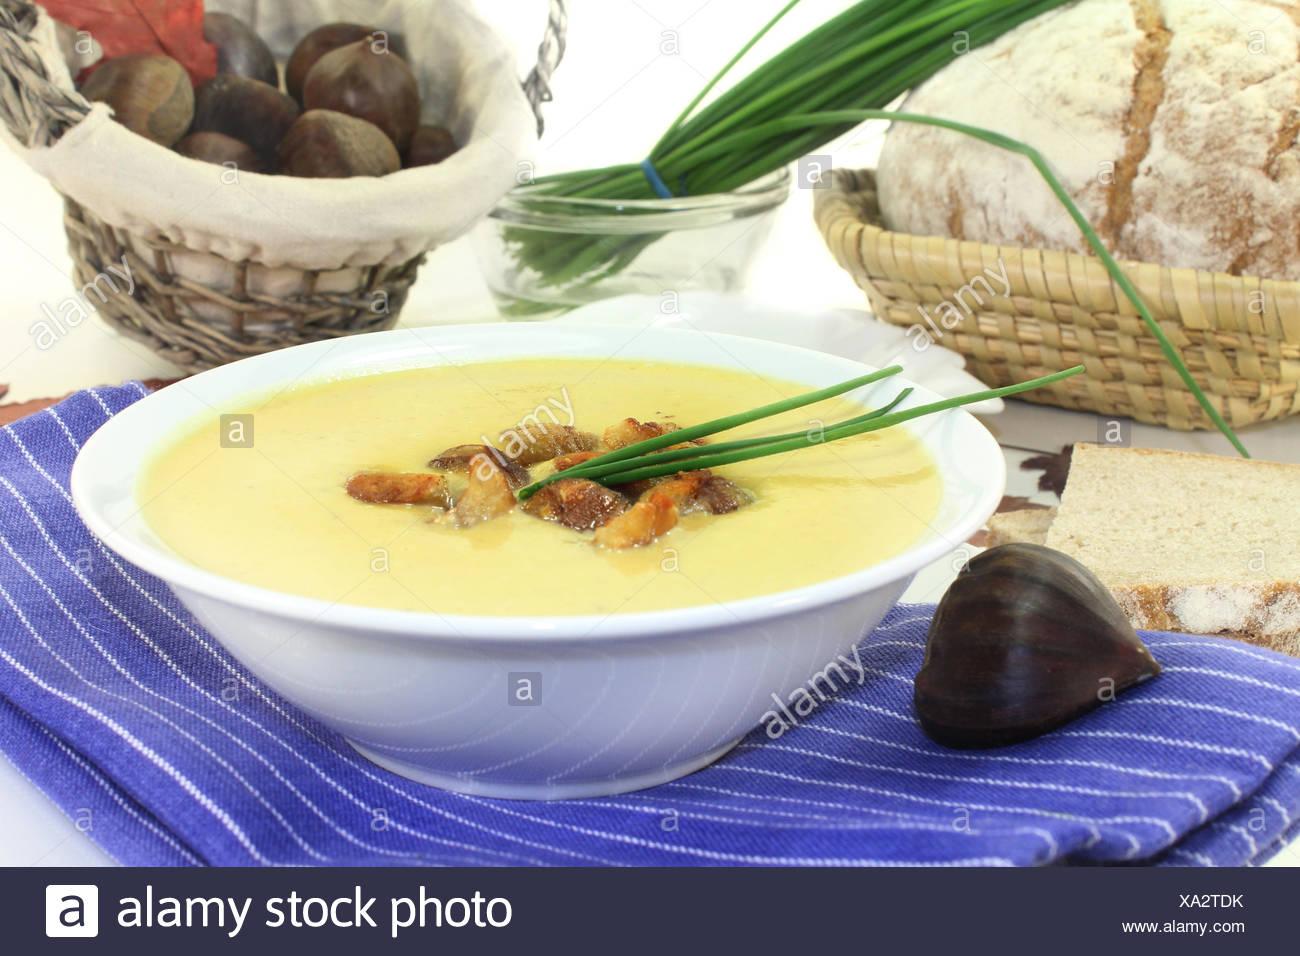 eine Schale Maronensuppe mit gerösteten Maronen und Schnittlauch - Stock Image